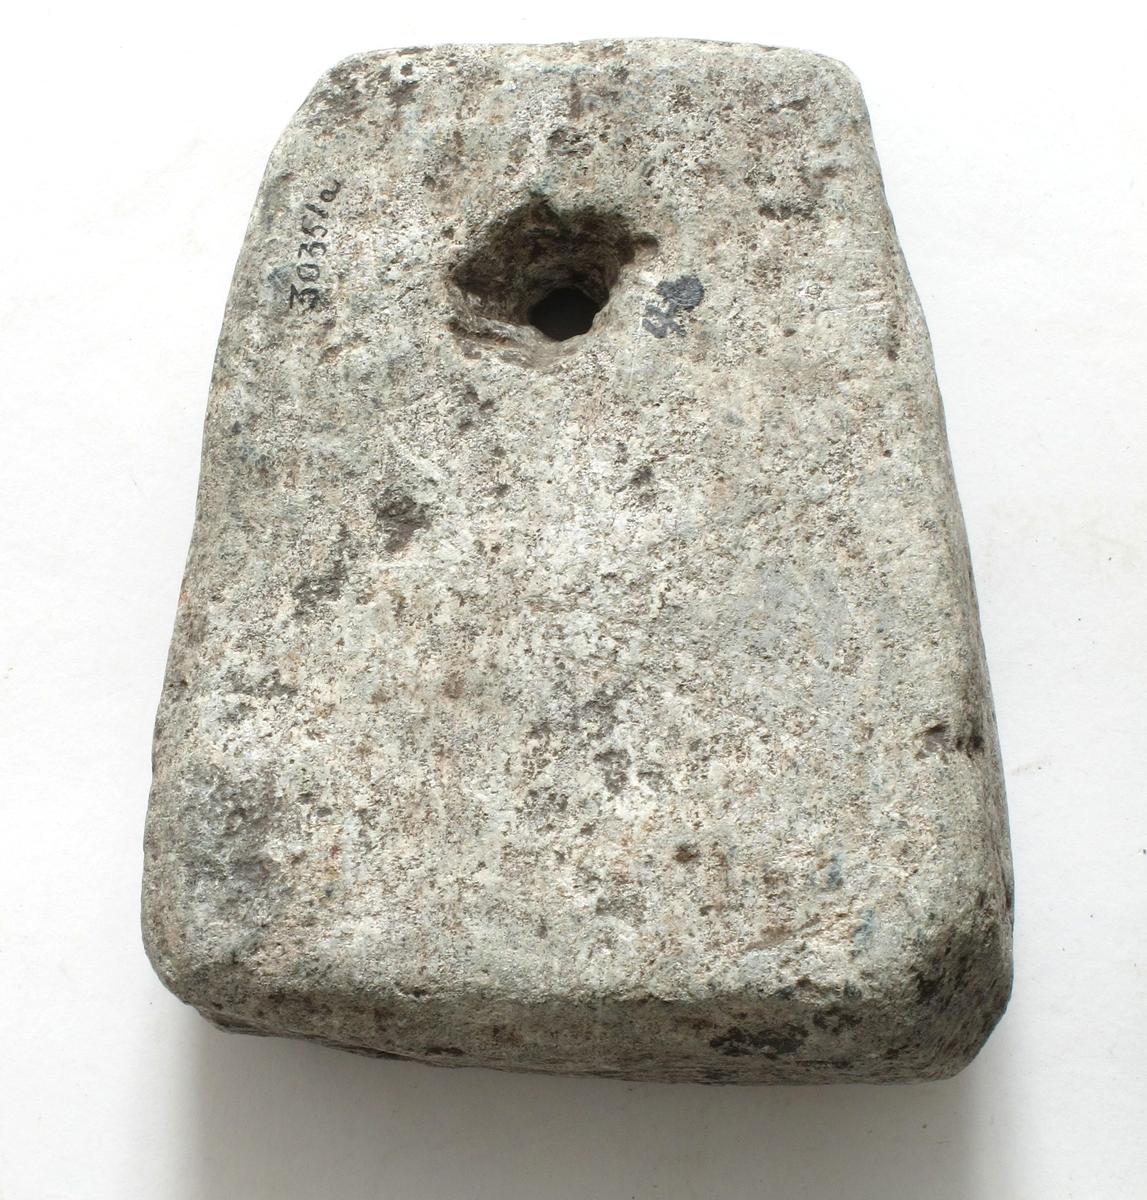 Trapesformet kljåstein av lys grå kleber med trekantet tverrsnitt. Velformet eksemplar.